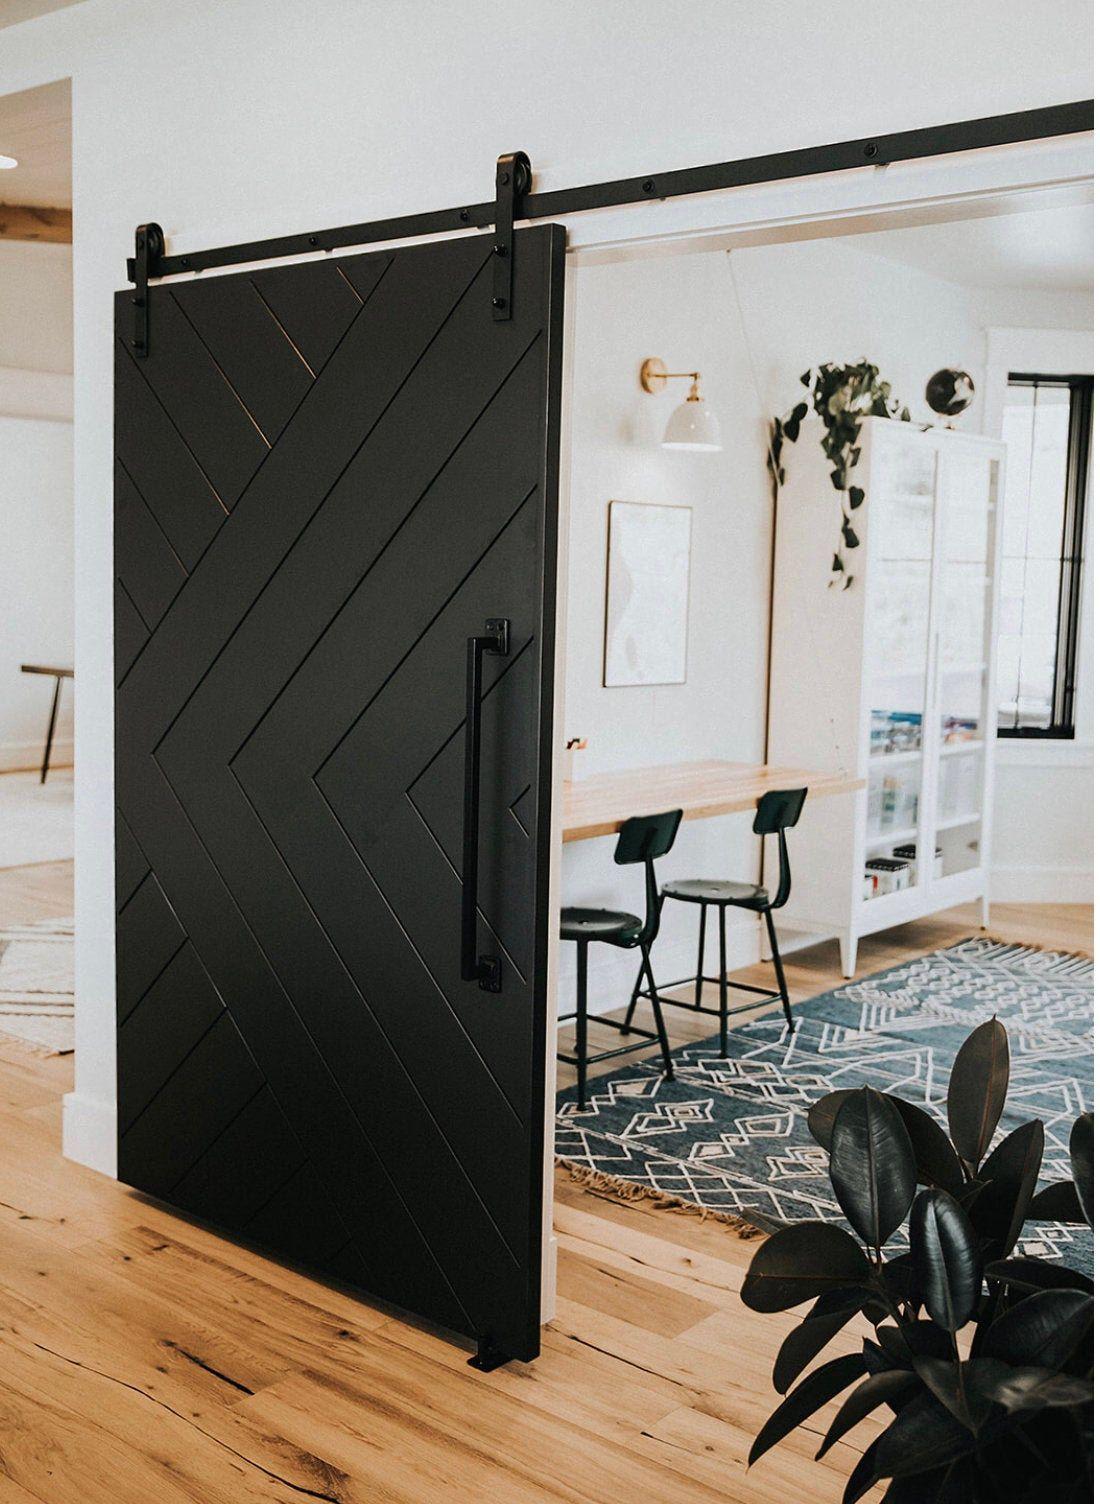 Custom Built Sliding Barn Door Hinge Pocket Door X Design In 2020 Sliding Door Design Modern Sliding Doors Interior Barn Doors